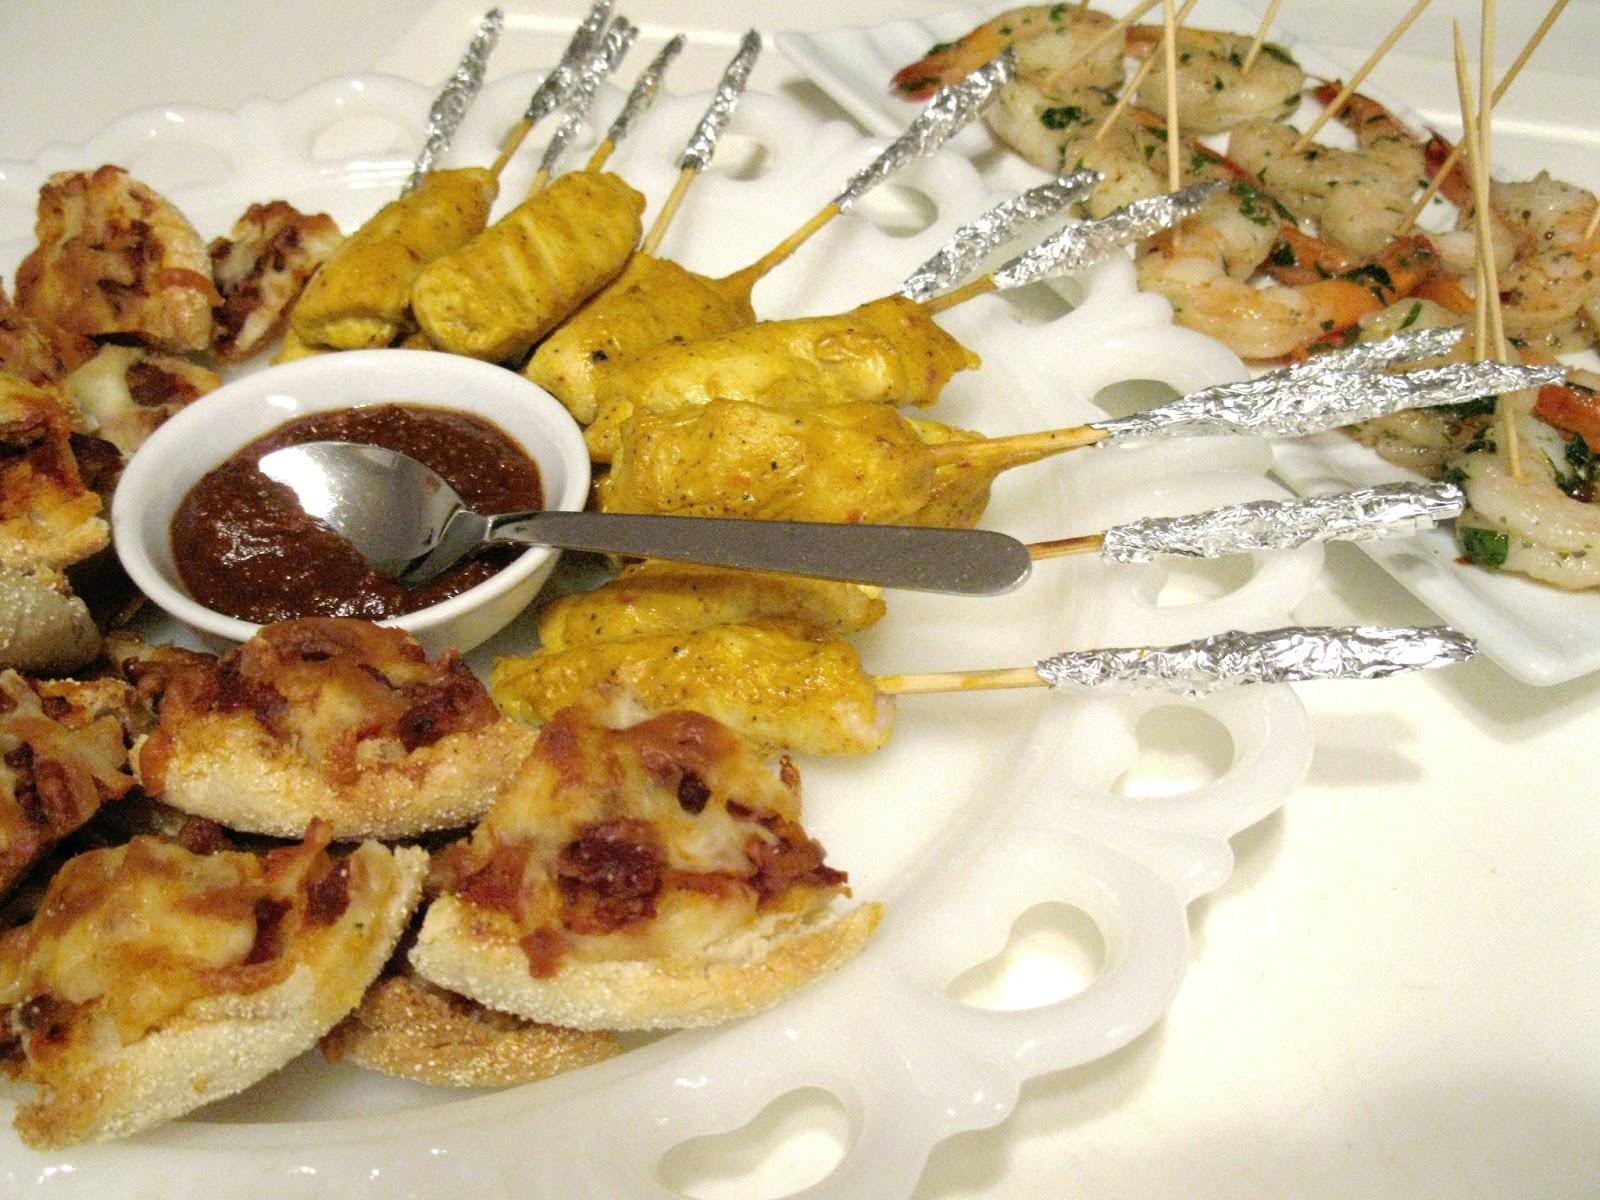 Petites pizzas au bacon et fromage et assiettes de for Hors d oeuvre avec saumon fume